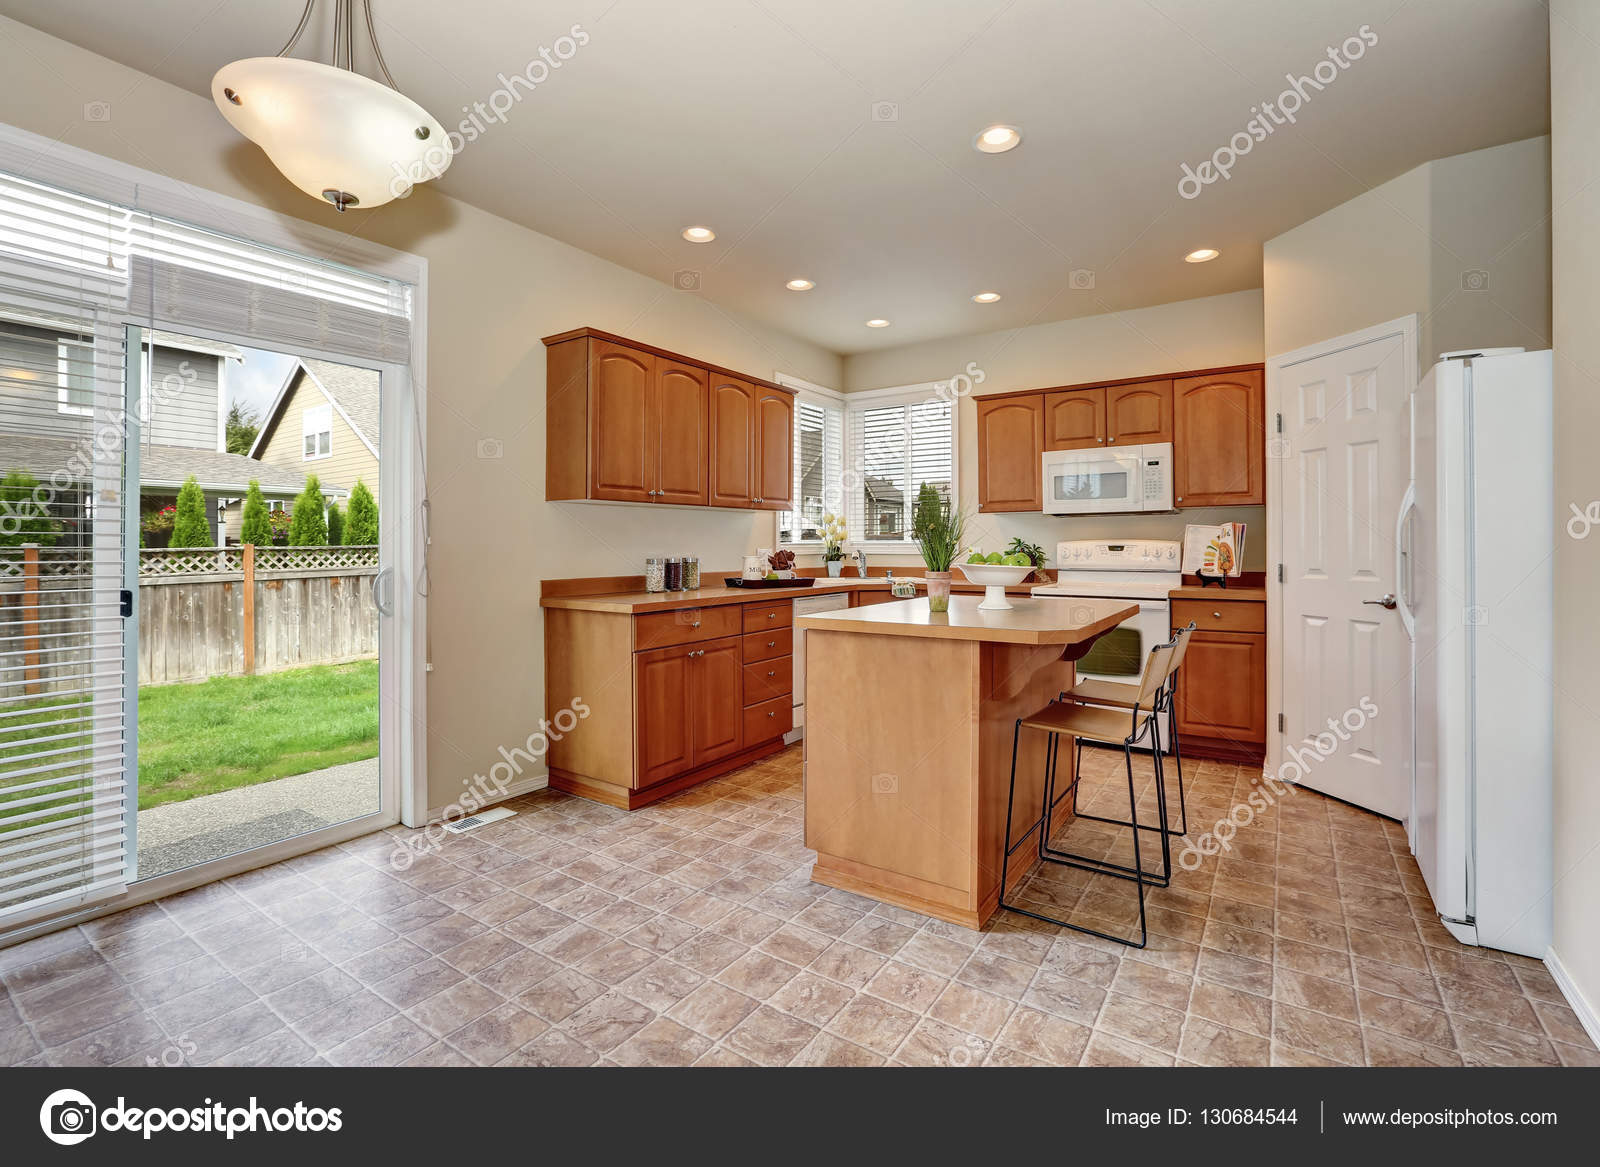 Interiore della cucina in stile classico con pavimenti in